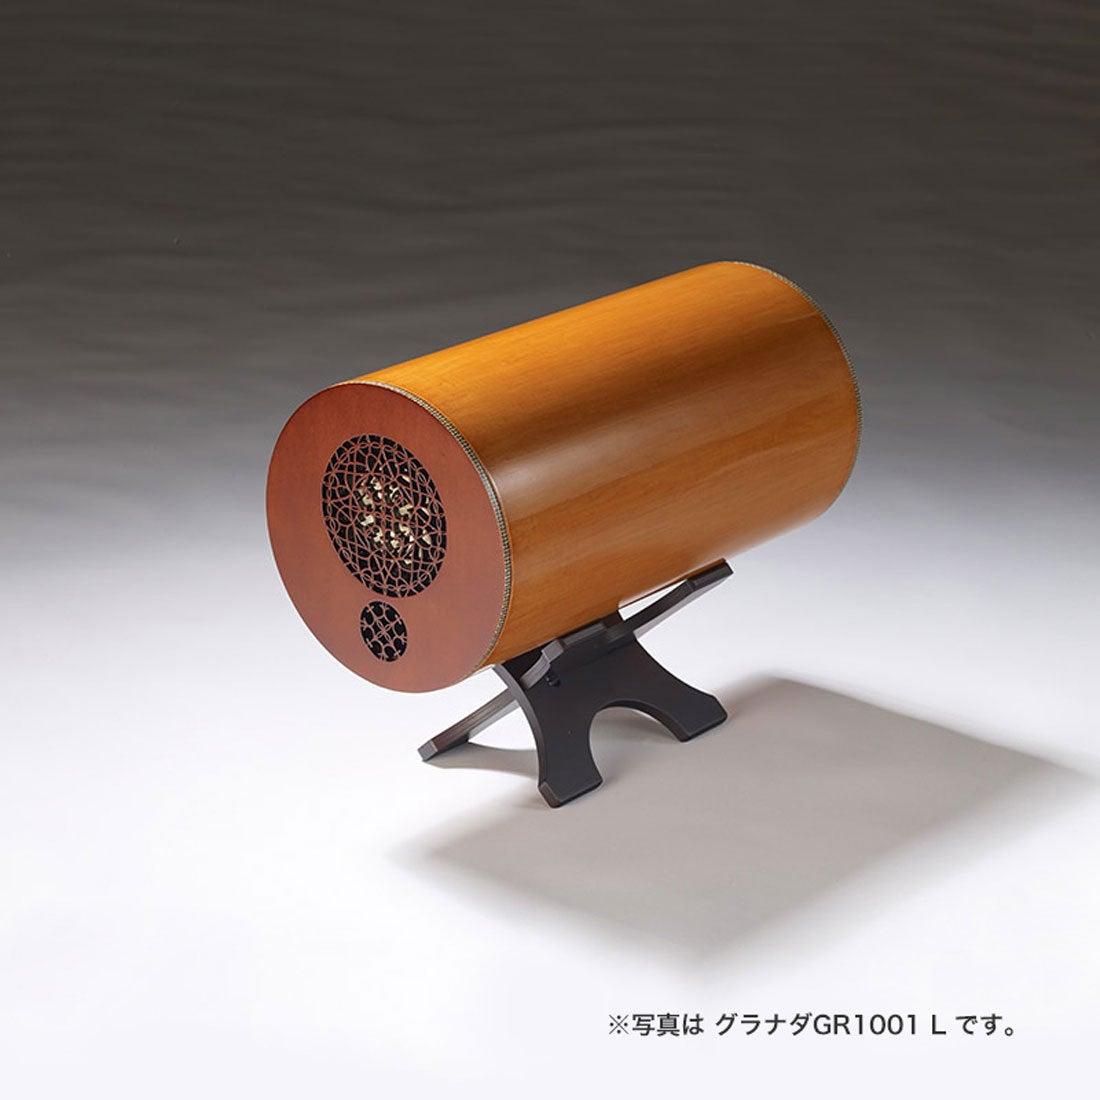 IDC OTSUKA/大塚家具 エムズシステムスピーカー[グラナダ] GR0802 S:径163×長411×高283(mm) (ライトブラウン)